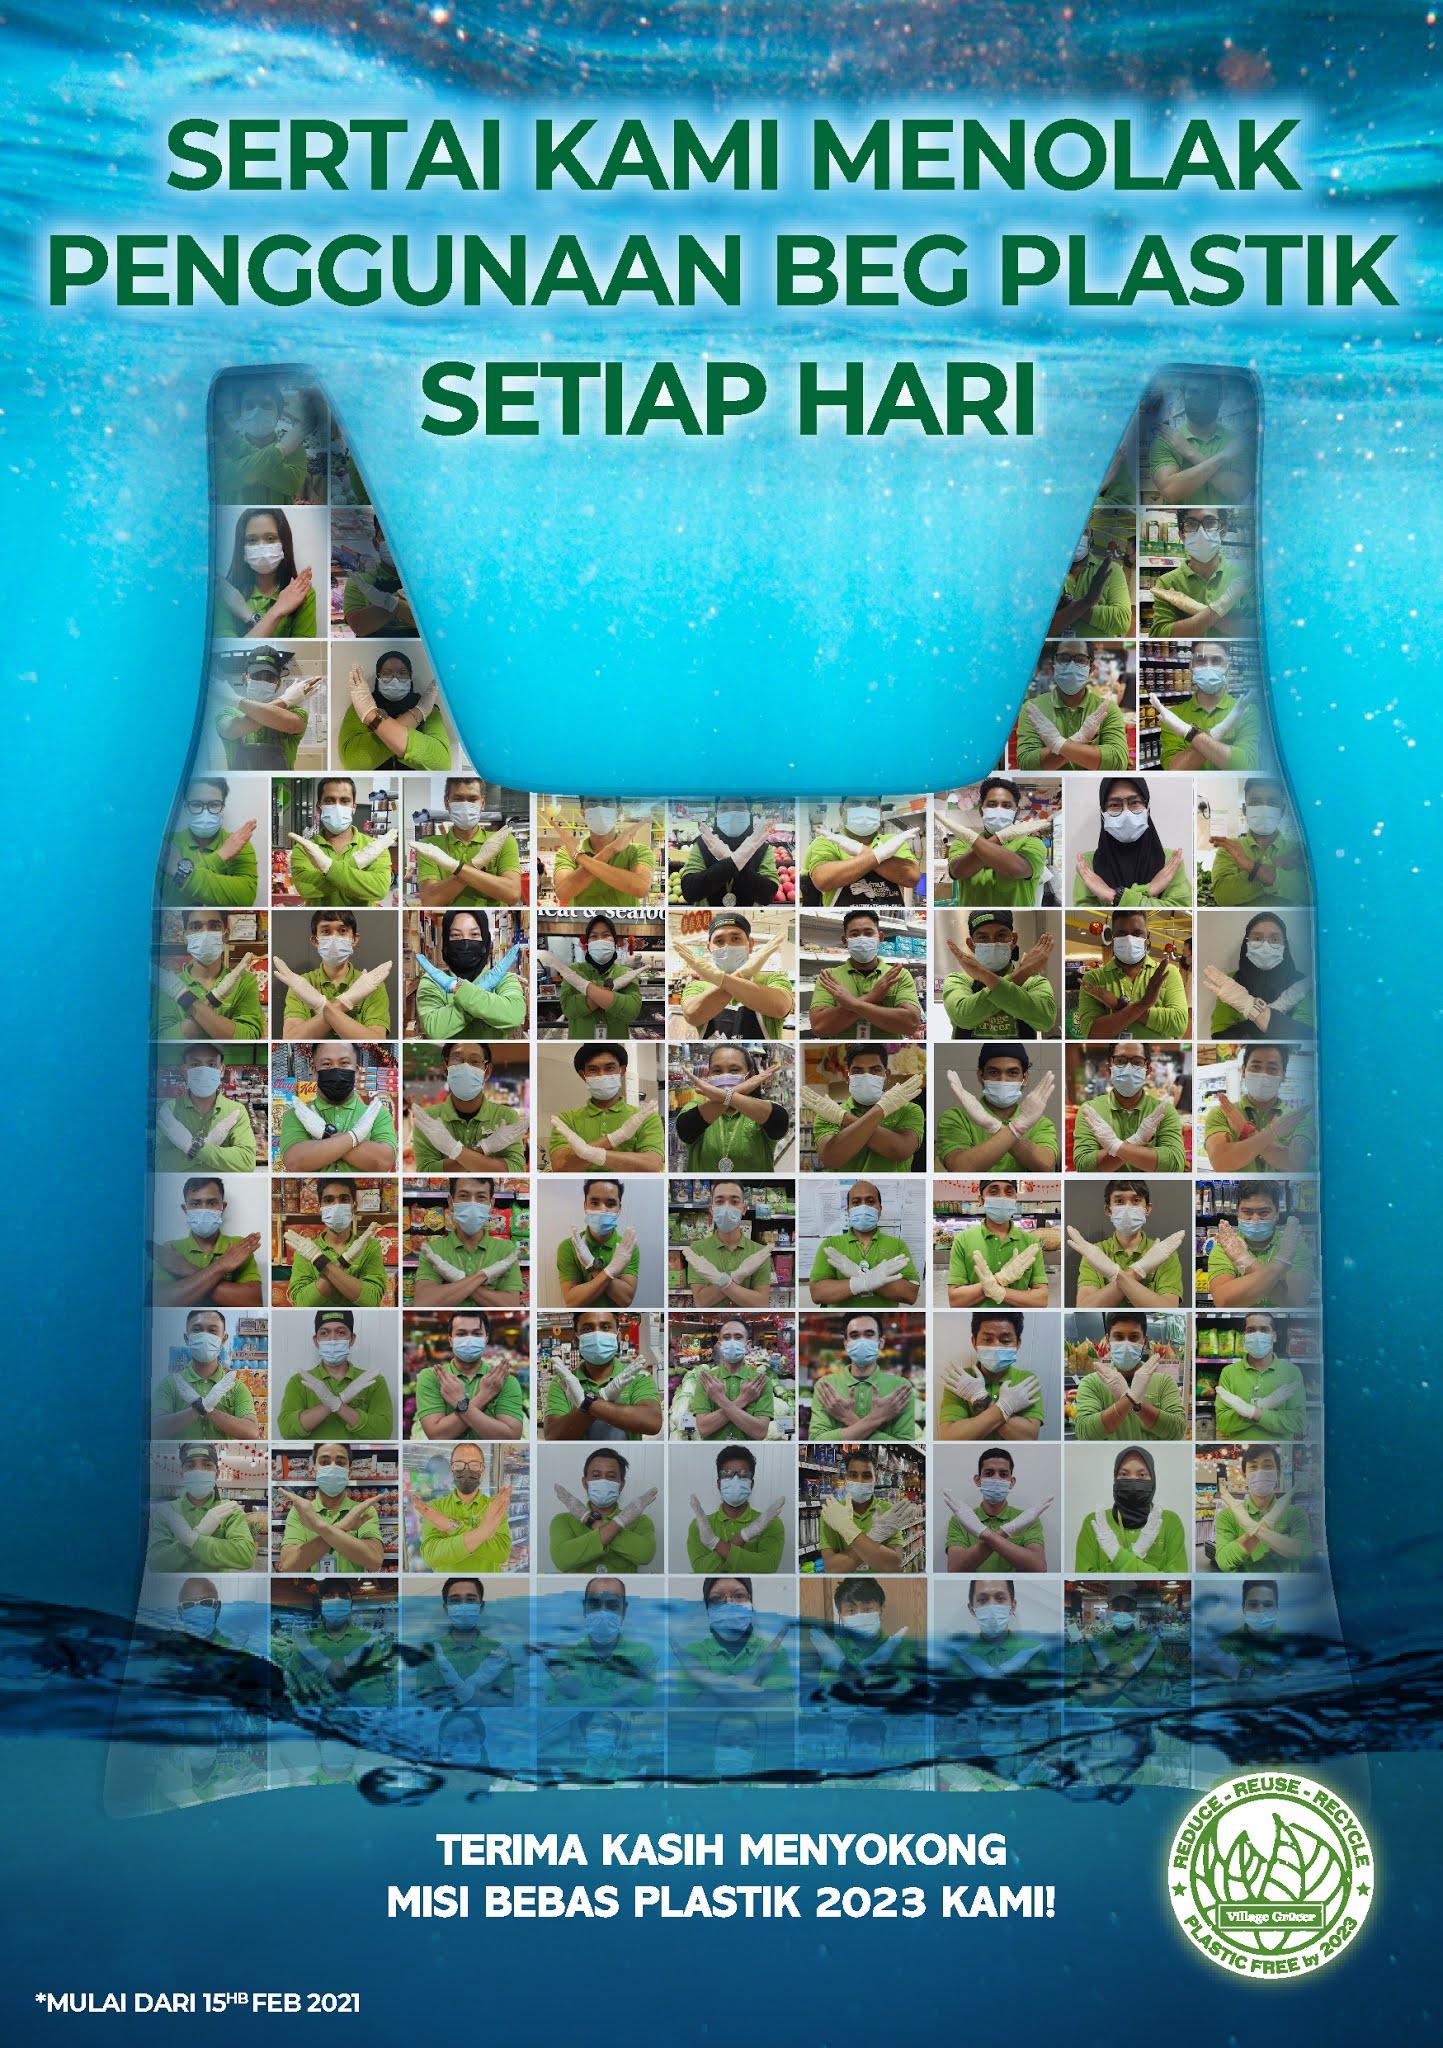 Tiada Lagi Bag Plastik Setiap Hari Di Village Grocer